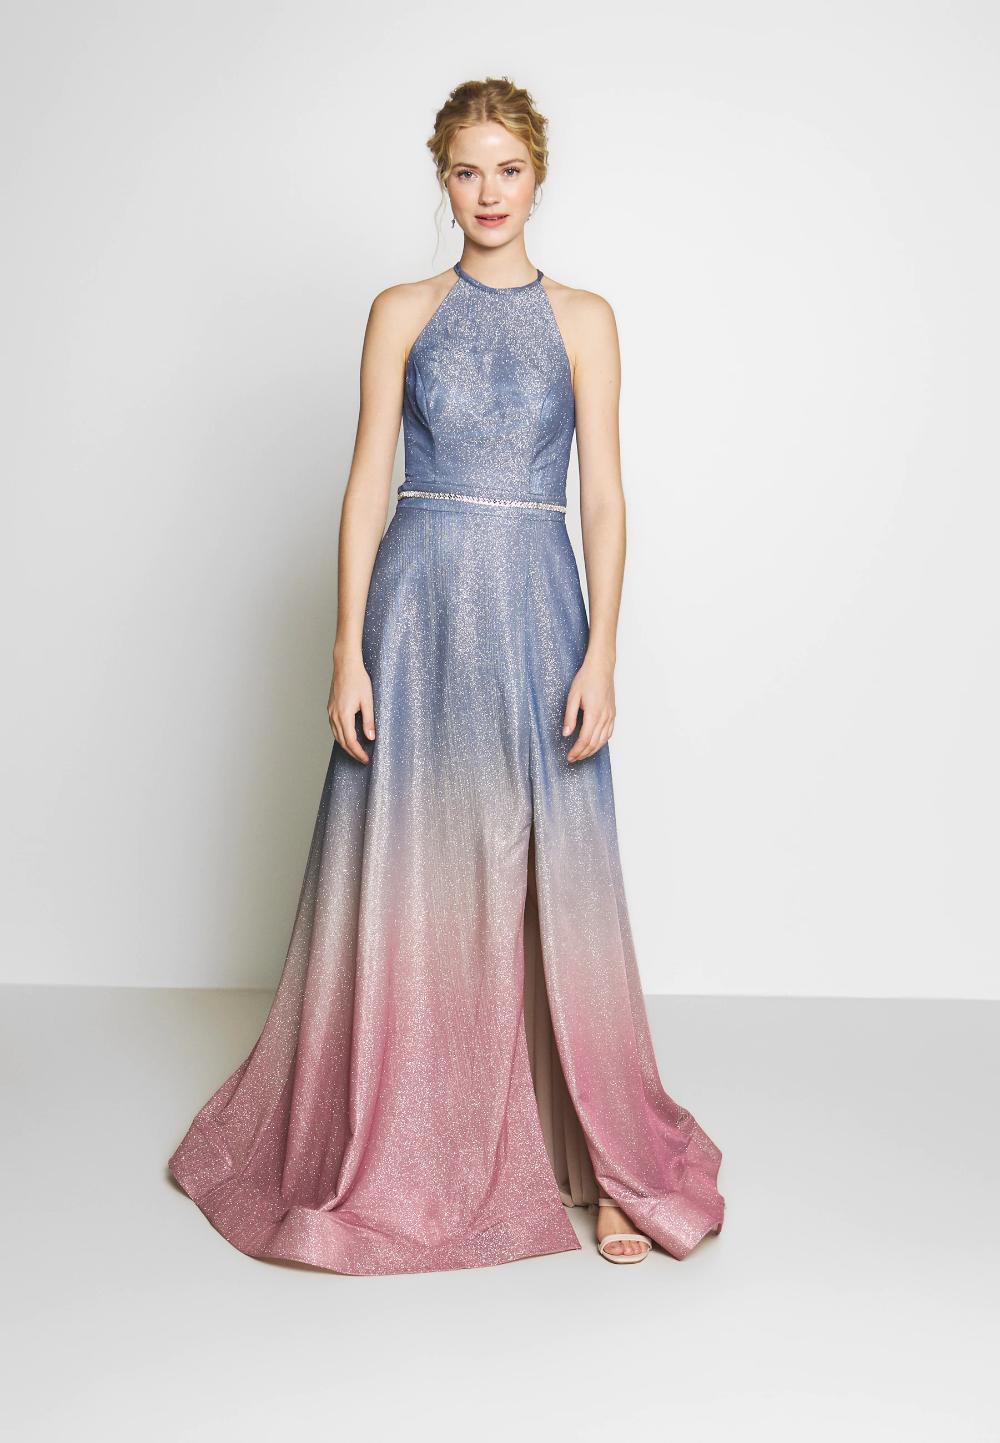 Ballkleid - blaugrau/rosé @ Zalando.de 🛒 in 18  Luxuar fashion